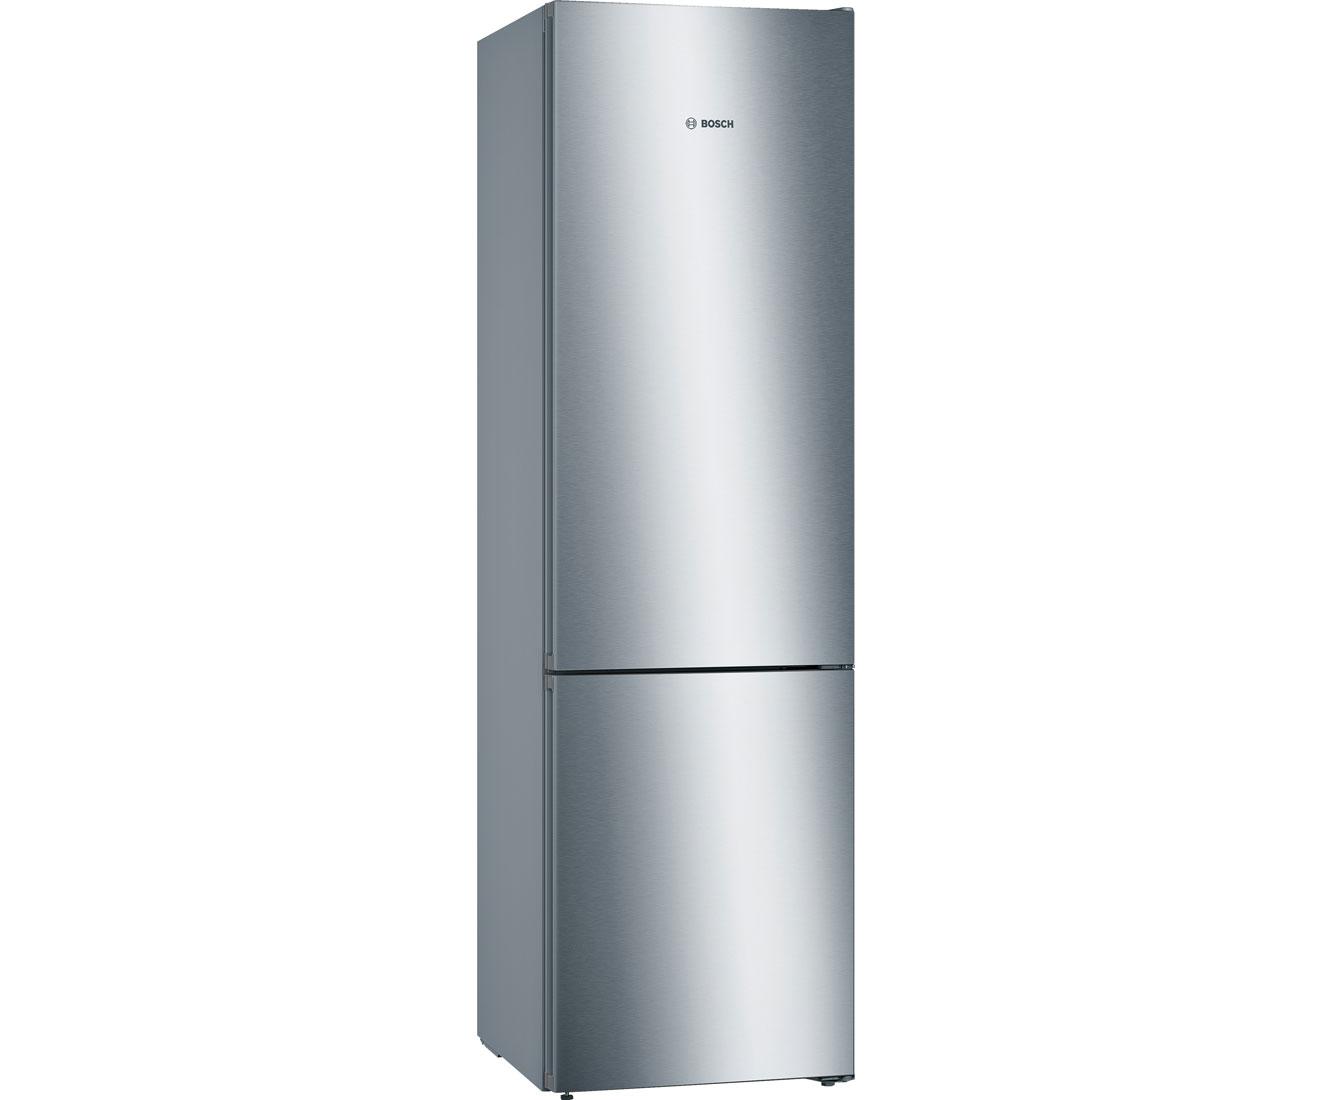 Bosch Kühlschrank No Frost Kühlt Nicht : Bosch serie 4 kgn39kl35 kühl gefrierkombination mit no frost 60er